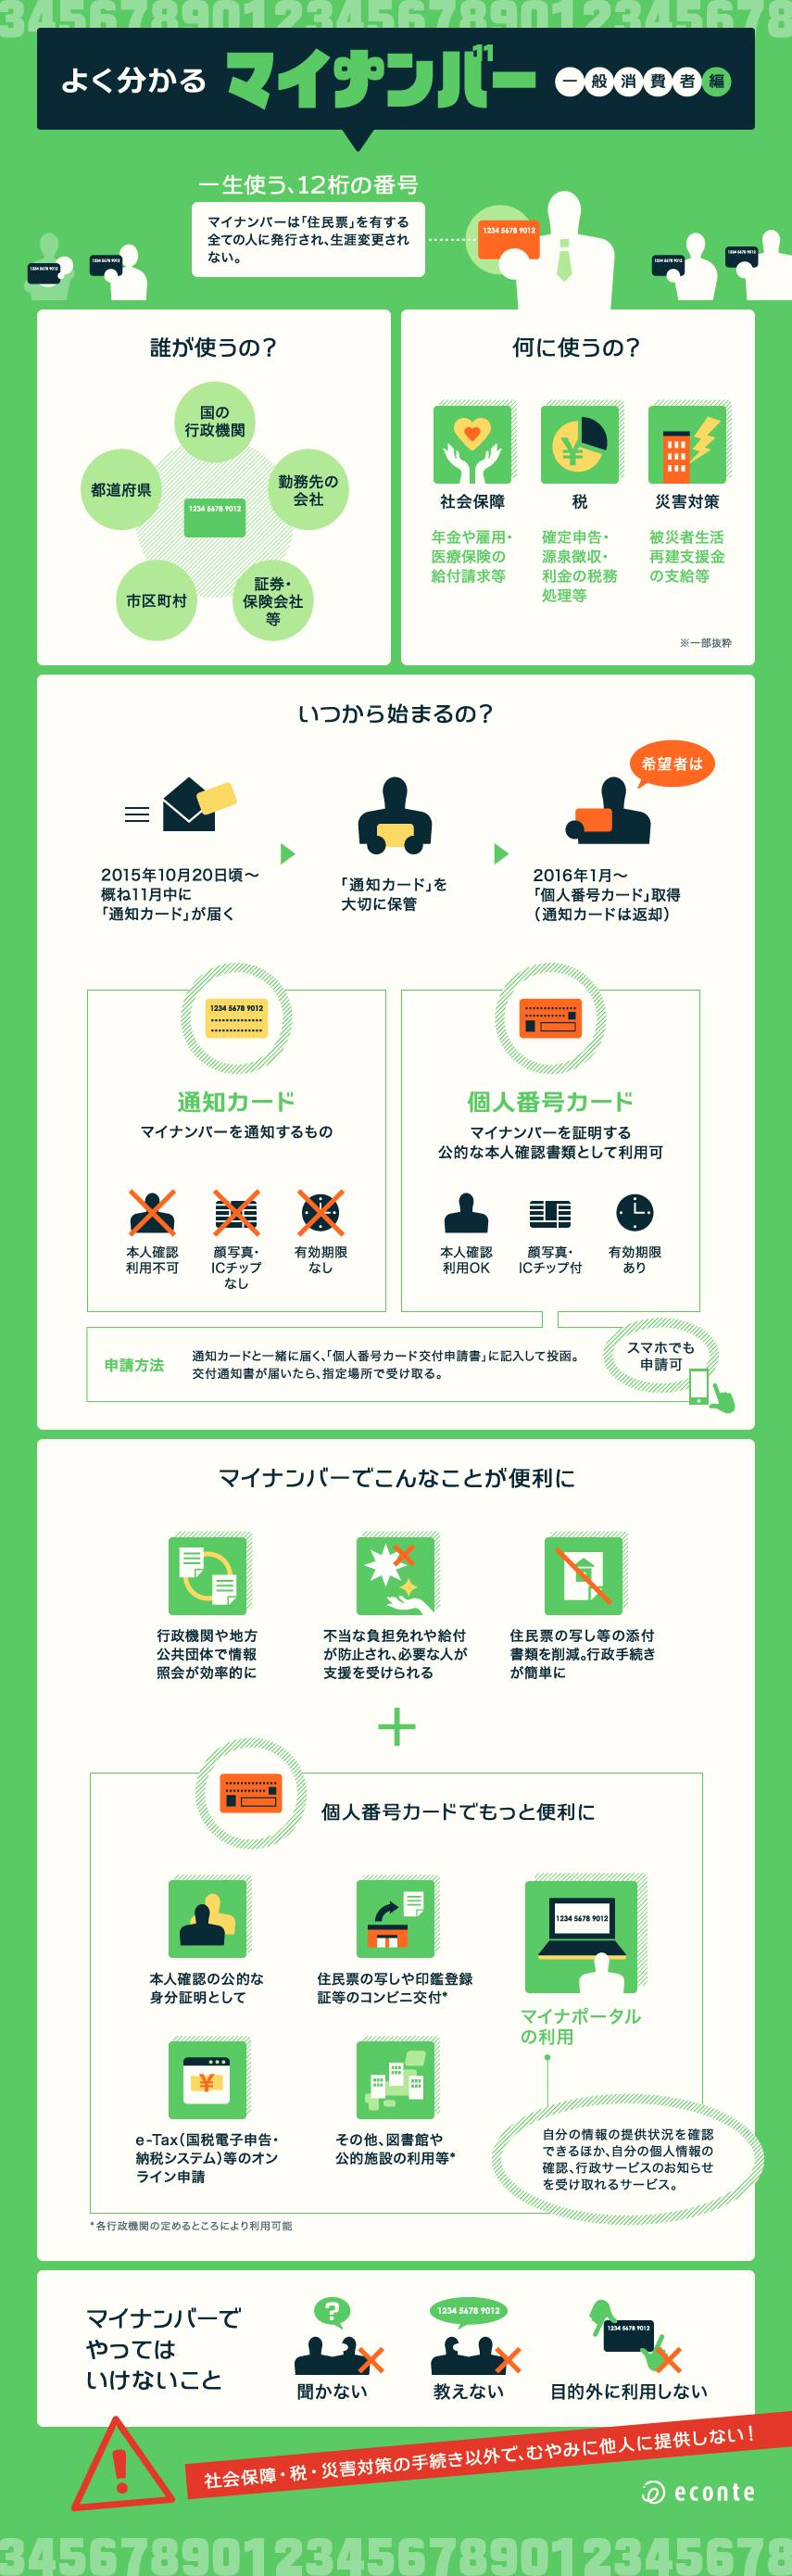 インフォグラフィック:マイナンバー制度の目的とメリット。住基ネットとの違いは?